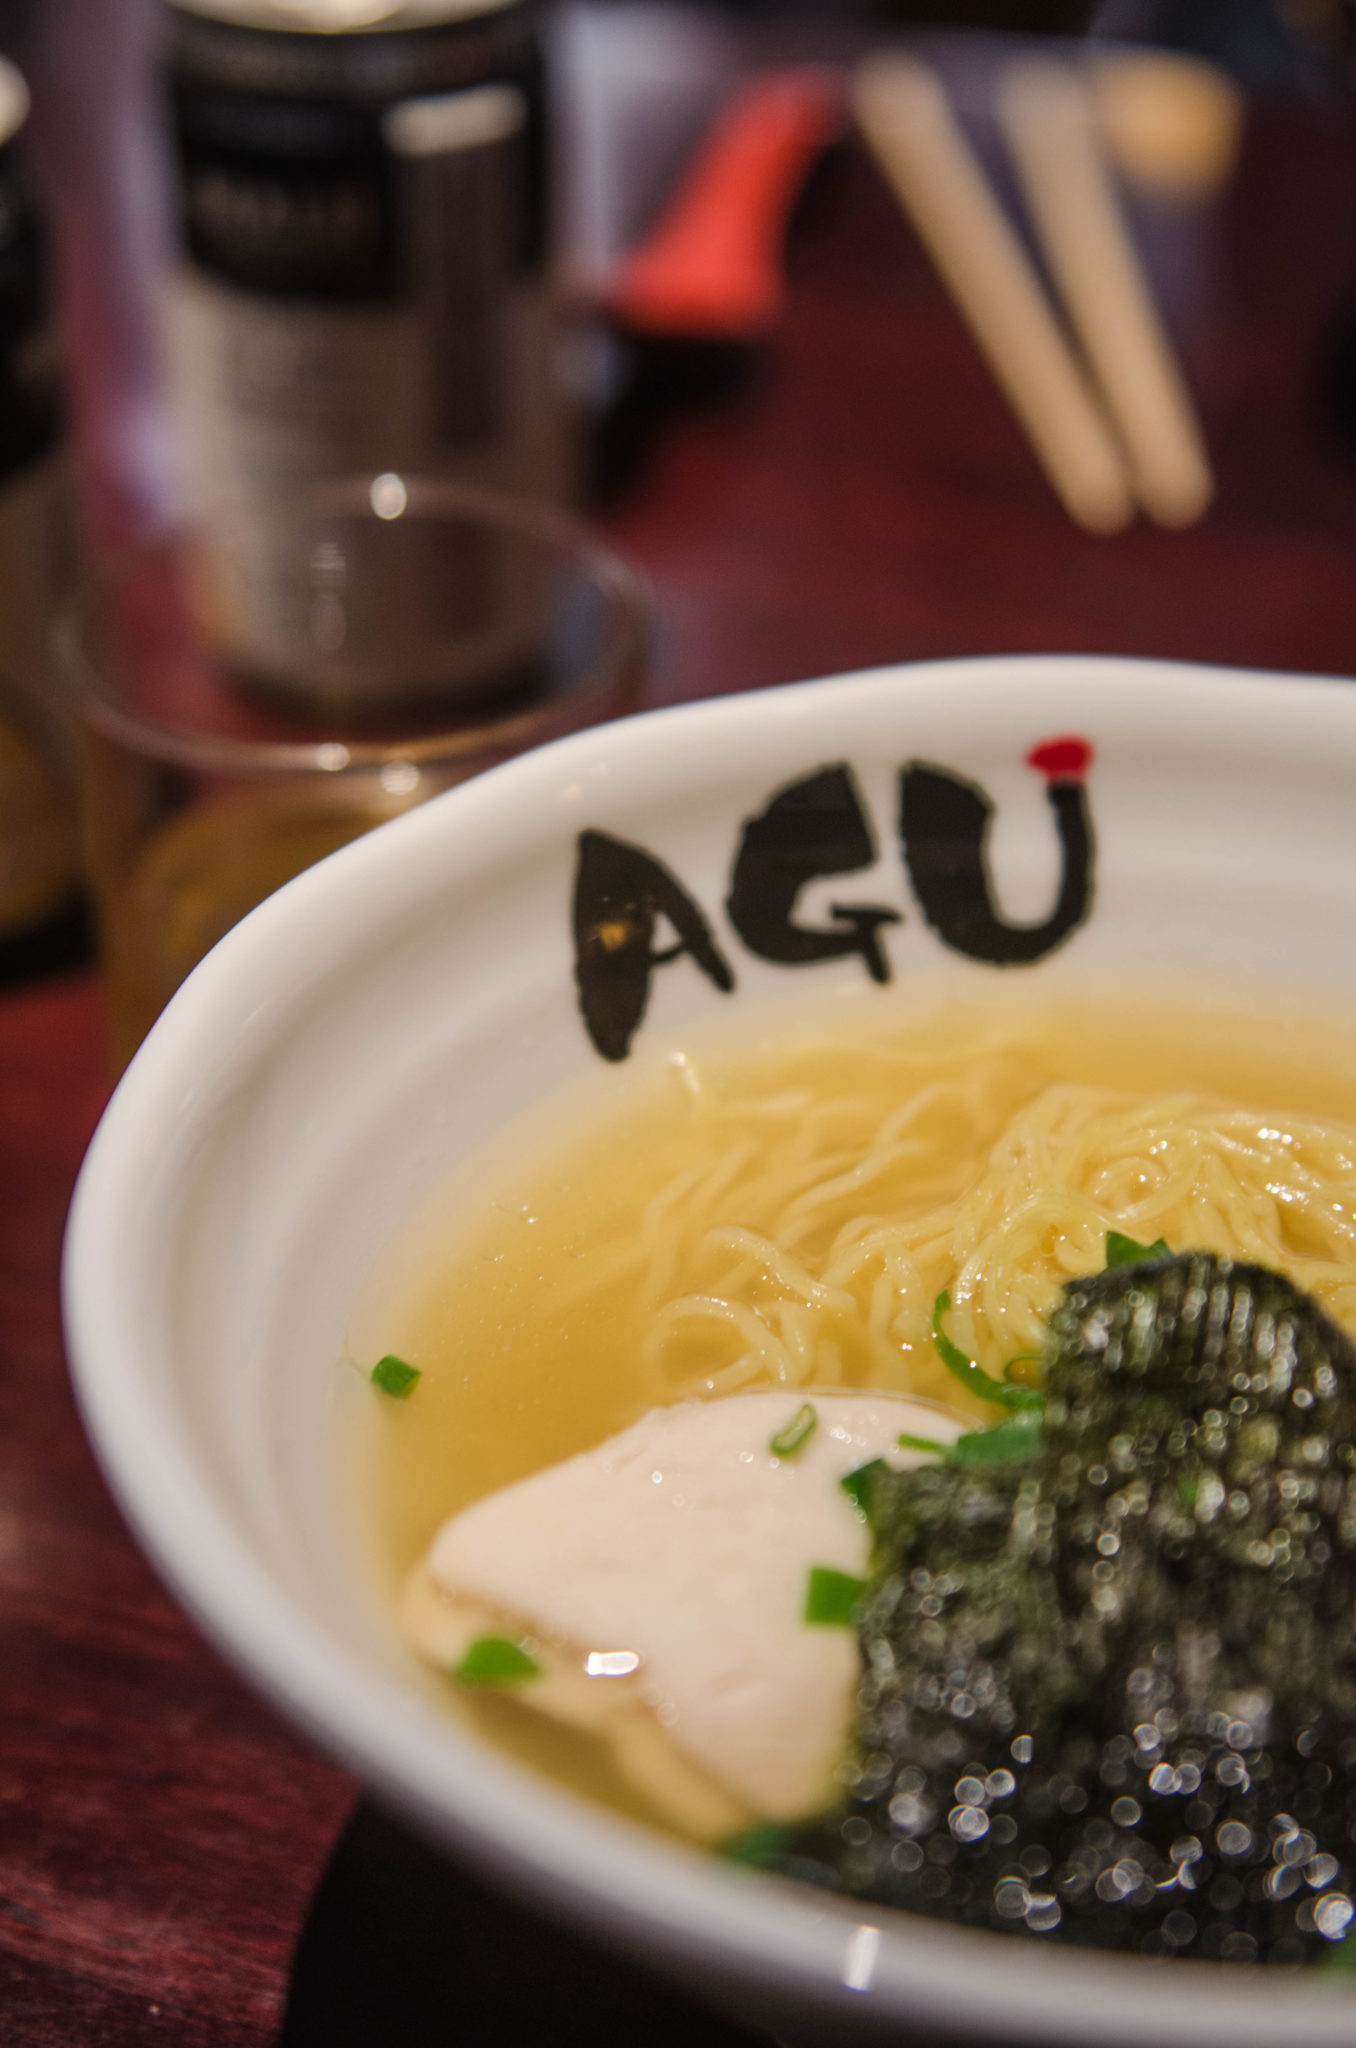 Sehenswürdigkeiten Hawaii: Die Küche auf Hawaii ist ein bunter Mix aus den Kulturen der Inseln